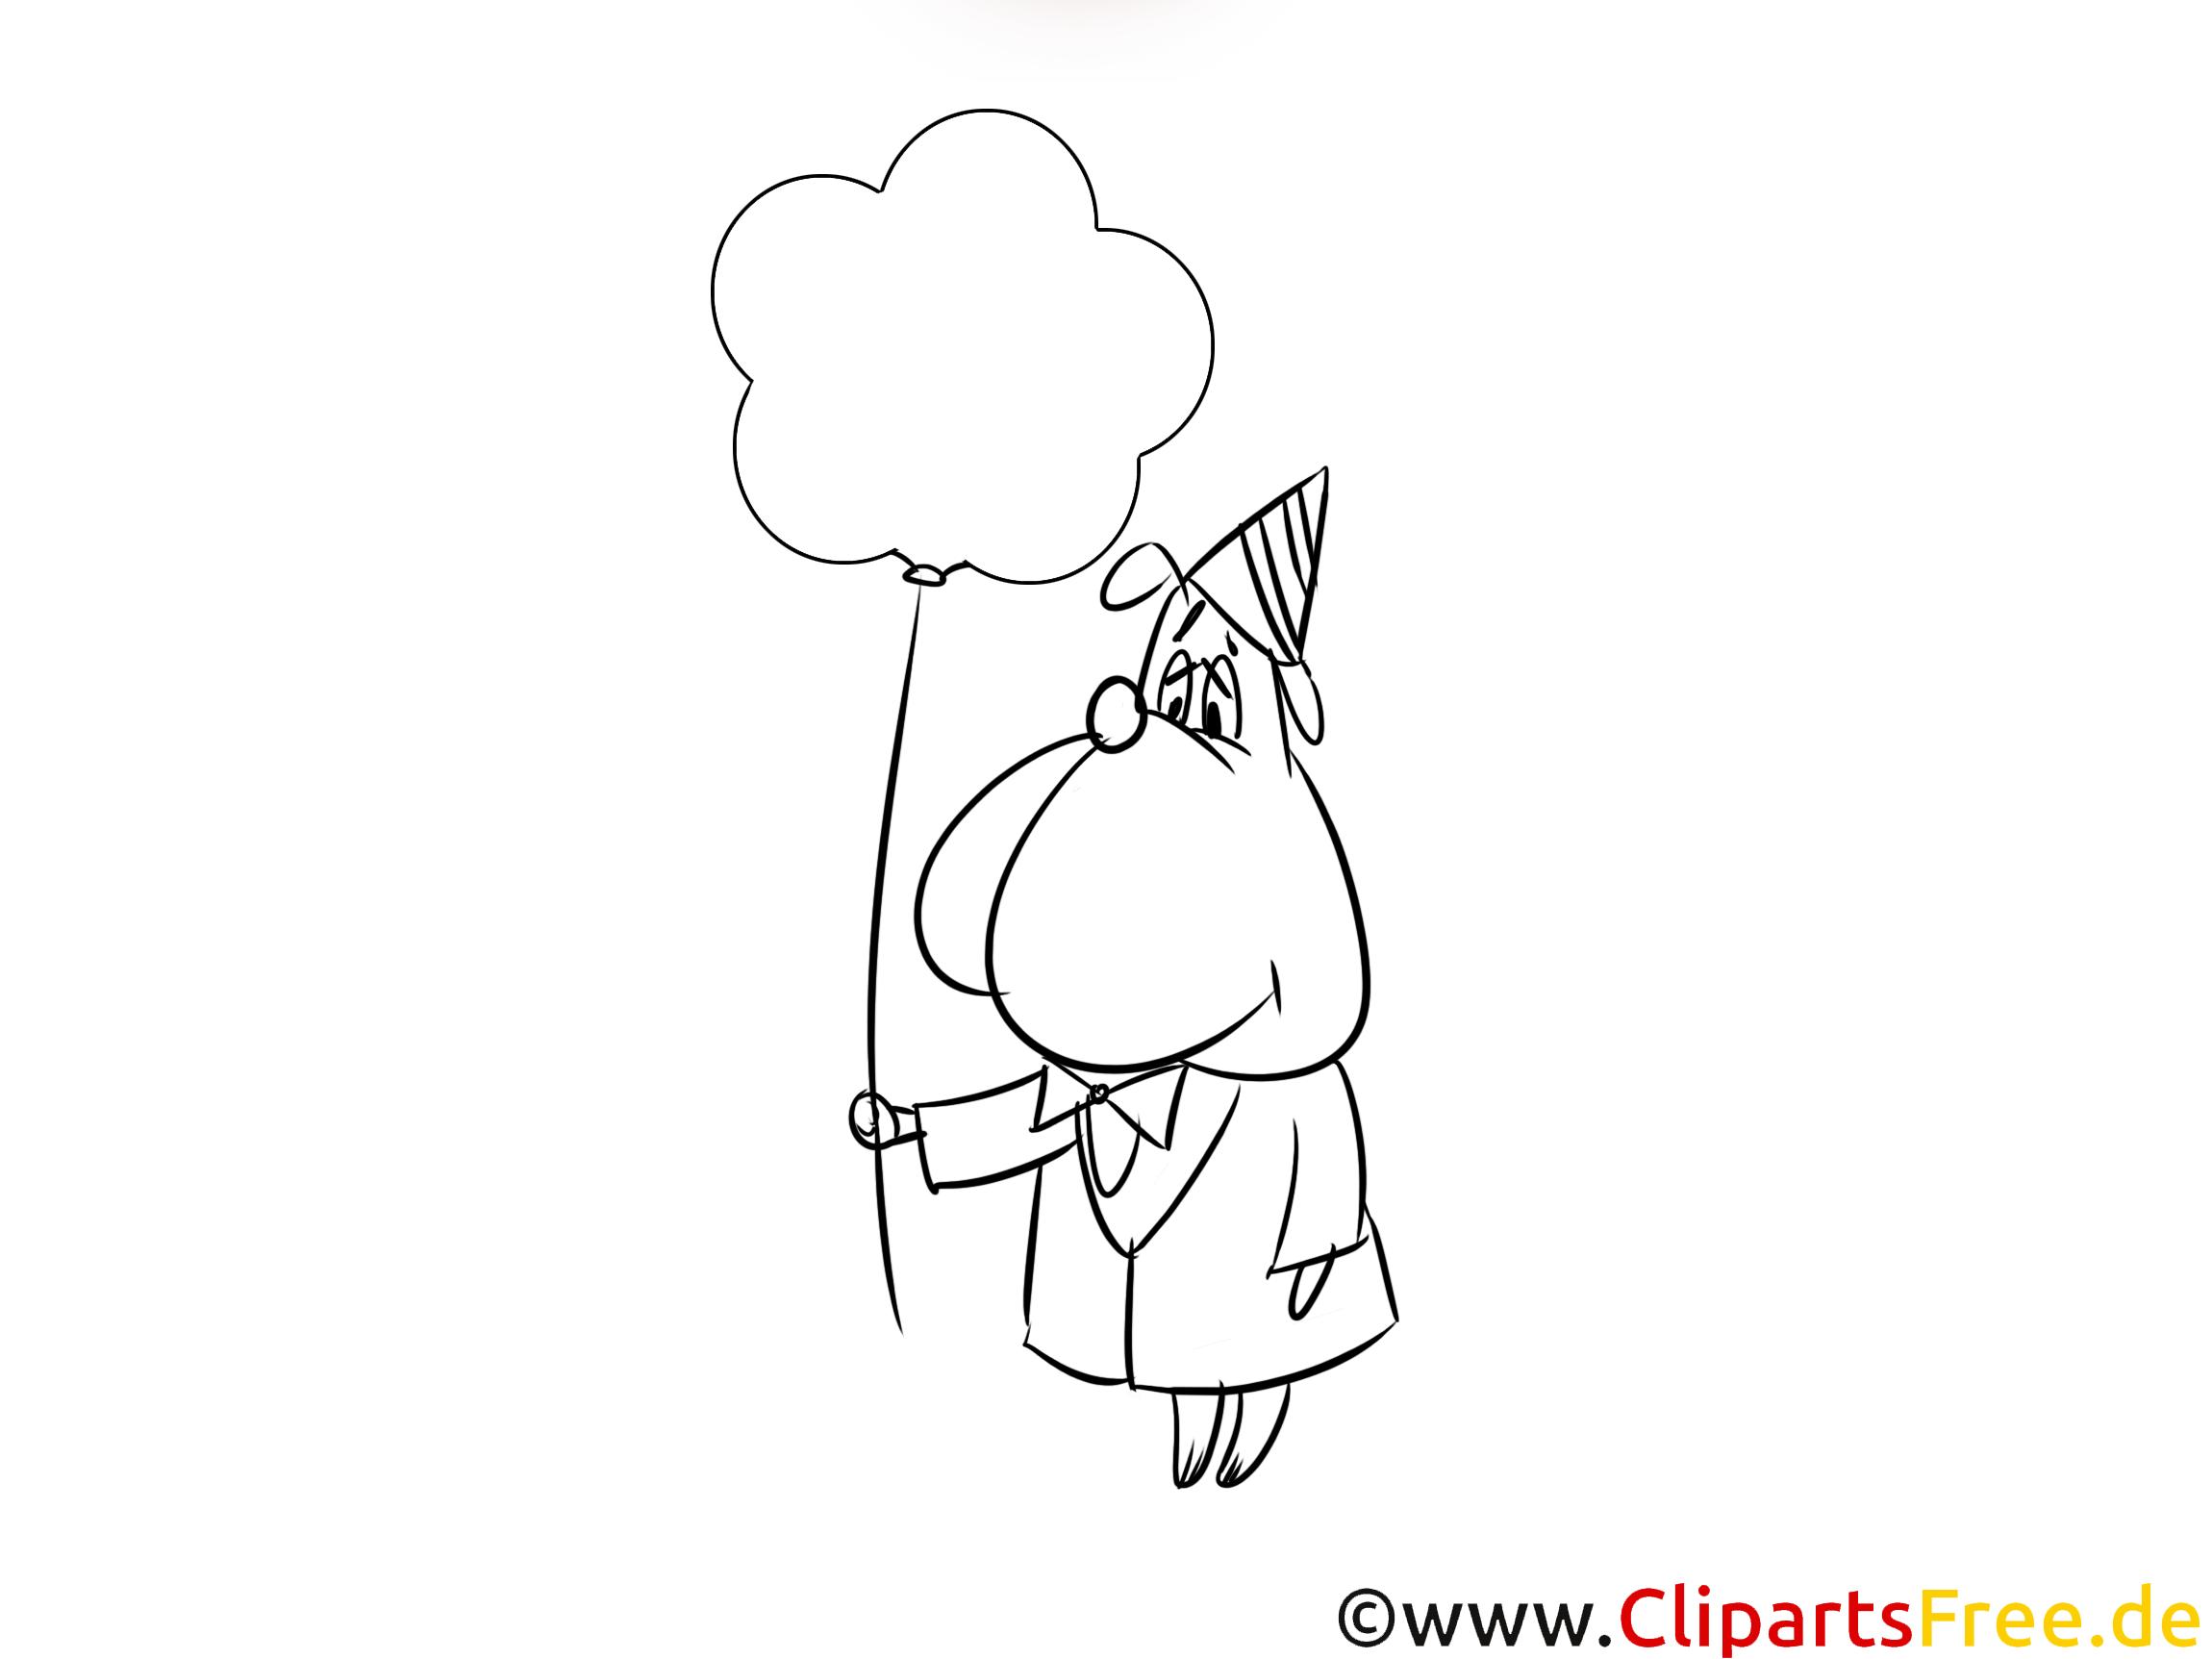 Happy Birthday Bild schwarz-weiss zum Ausmalen, Drucken